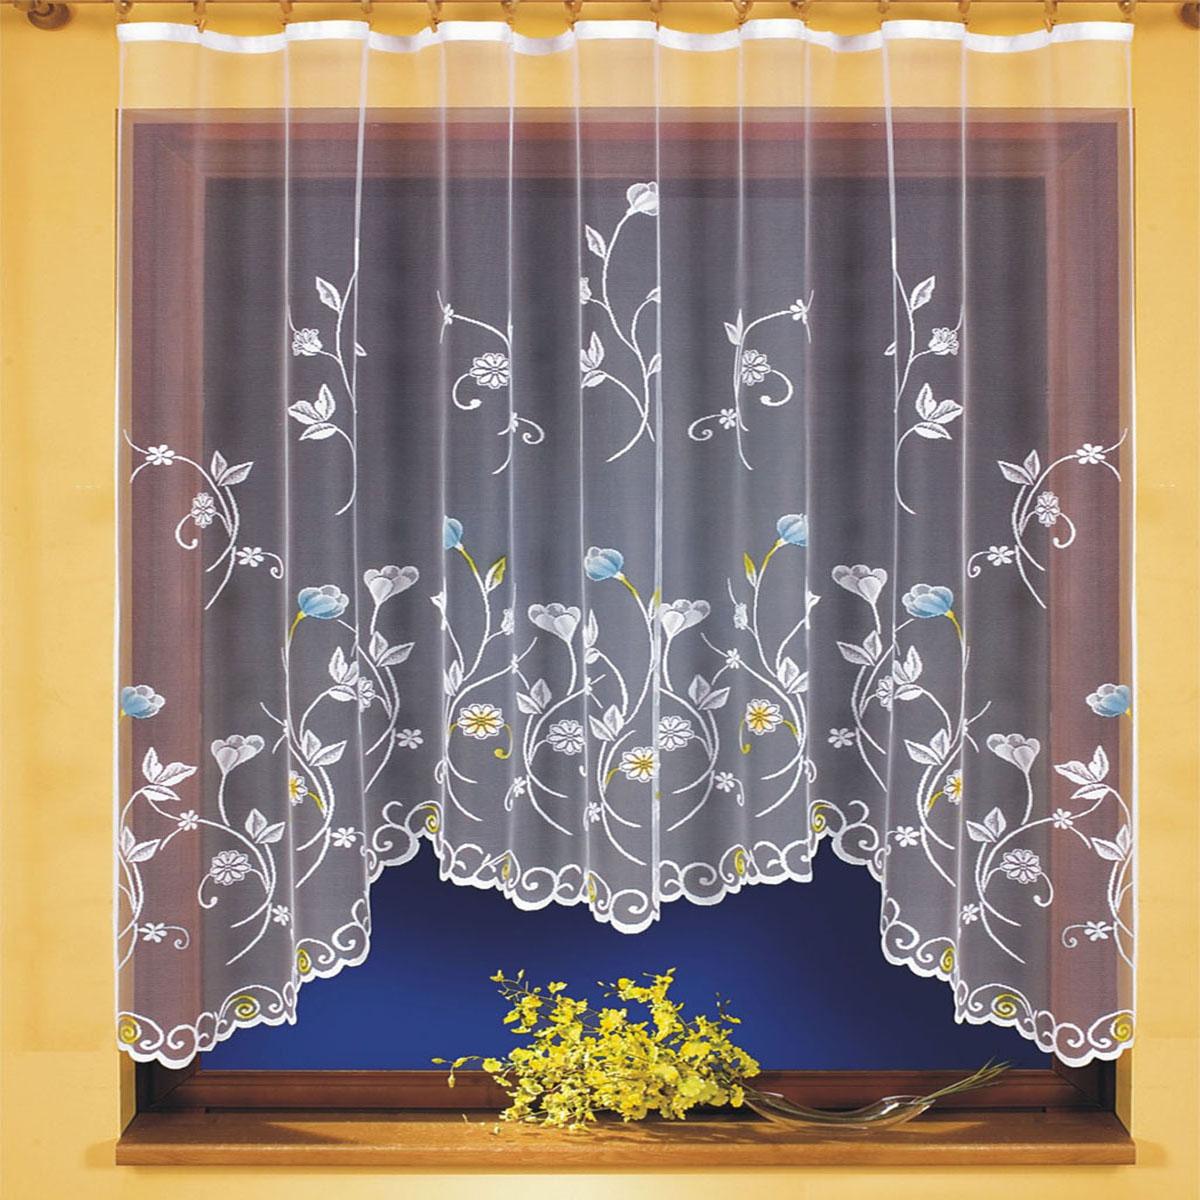 Штора для кухни Wisan, на ленте, цвет: белый, высота 160 см. 9698VCA-00Штора Wisan, выполненная из легкого полупрозрачного полиэстера белого цвета, станет великолепным украшением кухонного окна. Изделие имеет ассиметричную длину и красивый цветочный орнамент по всей поверхности полотна. Качественный материал и оригинальный дизайн привлекут к себе внимание и позволят шторе органично вписаться в интерьер помещения. Штора оснащена шторной лентой под зажимы для крепления на карниз.